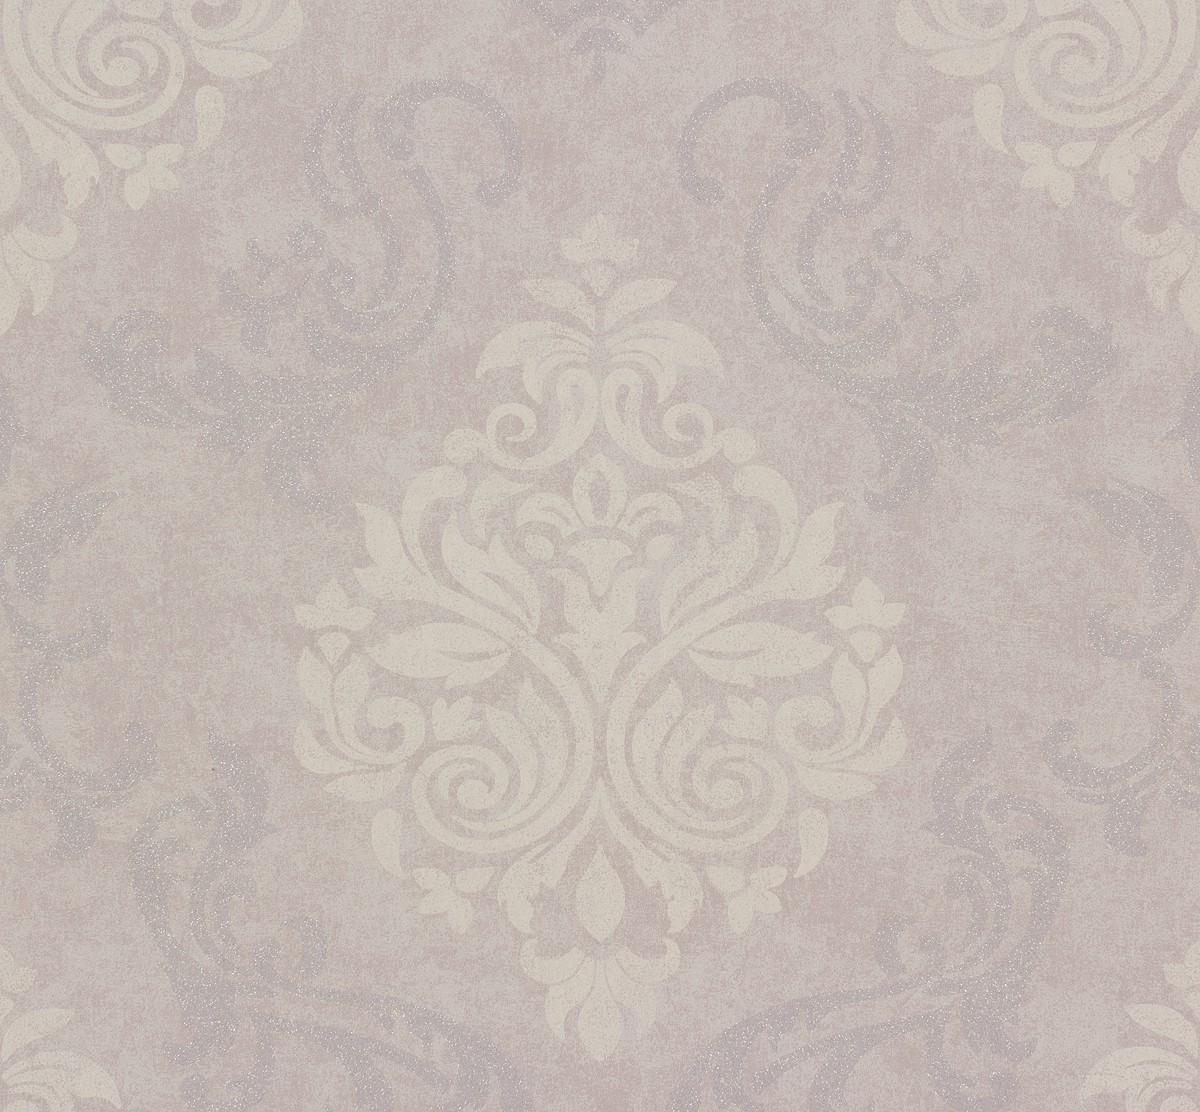 Vliestapete memory tapete barock 95372 2 953722 flieder for Tapete flieder grau